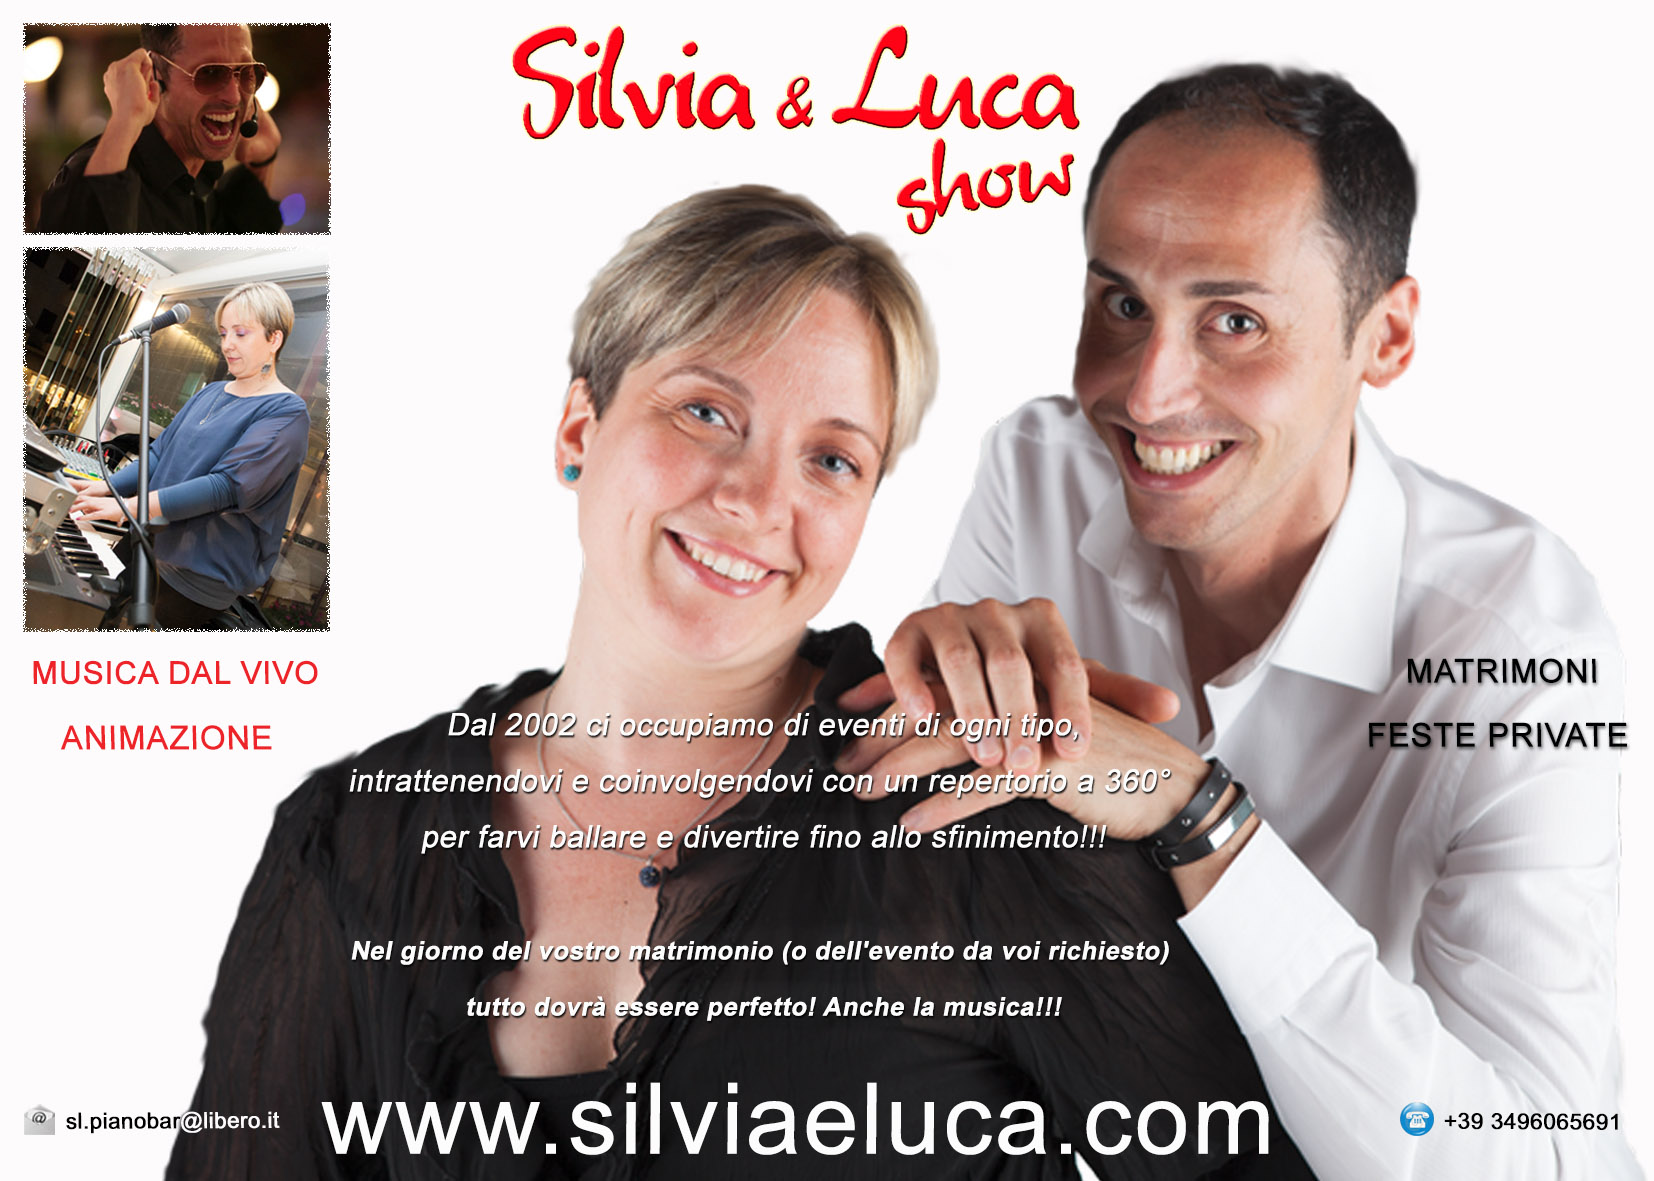 Silvia e Luca Show: Tutto dovrà essere perfetto! Anche la musica!!